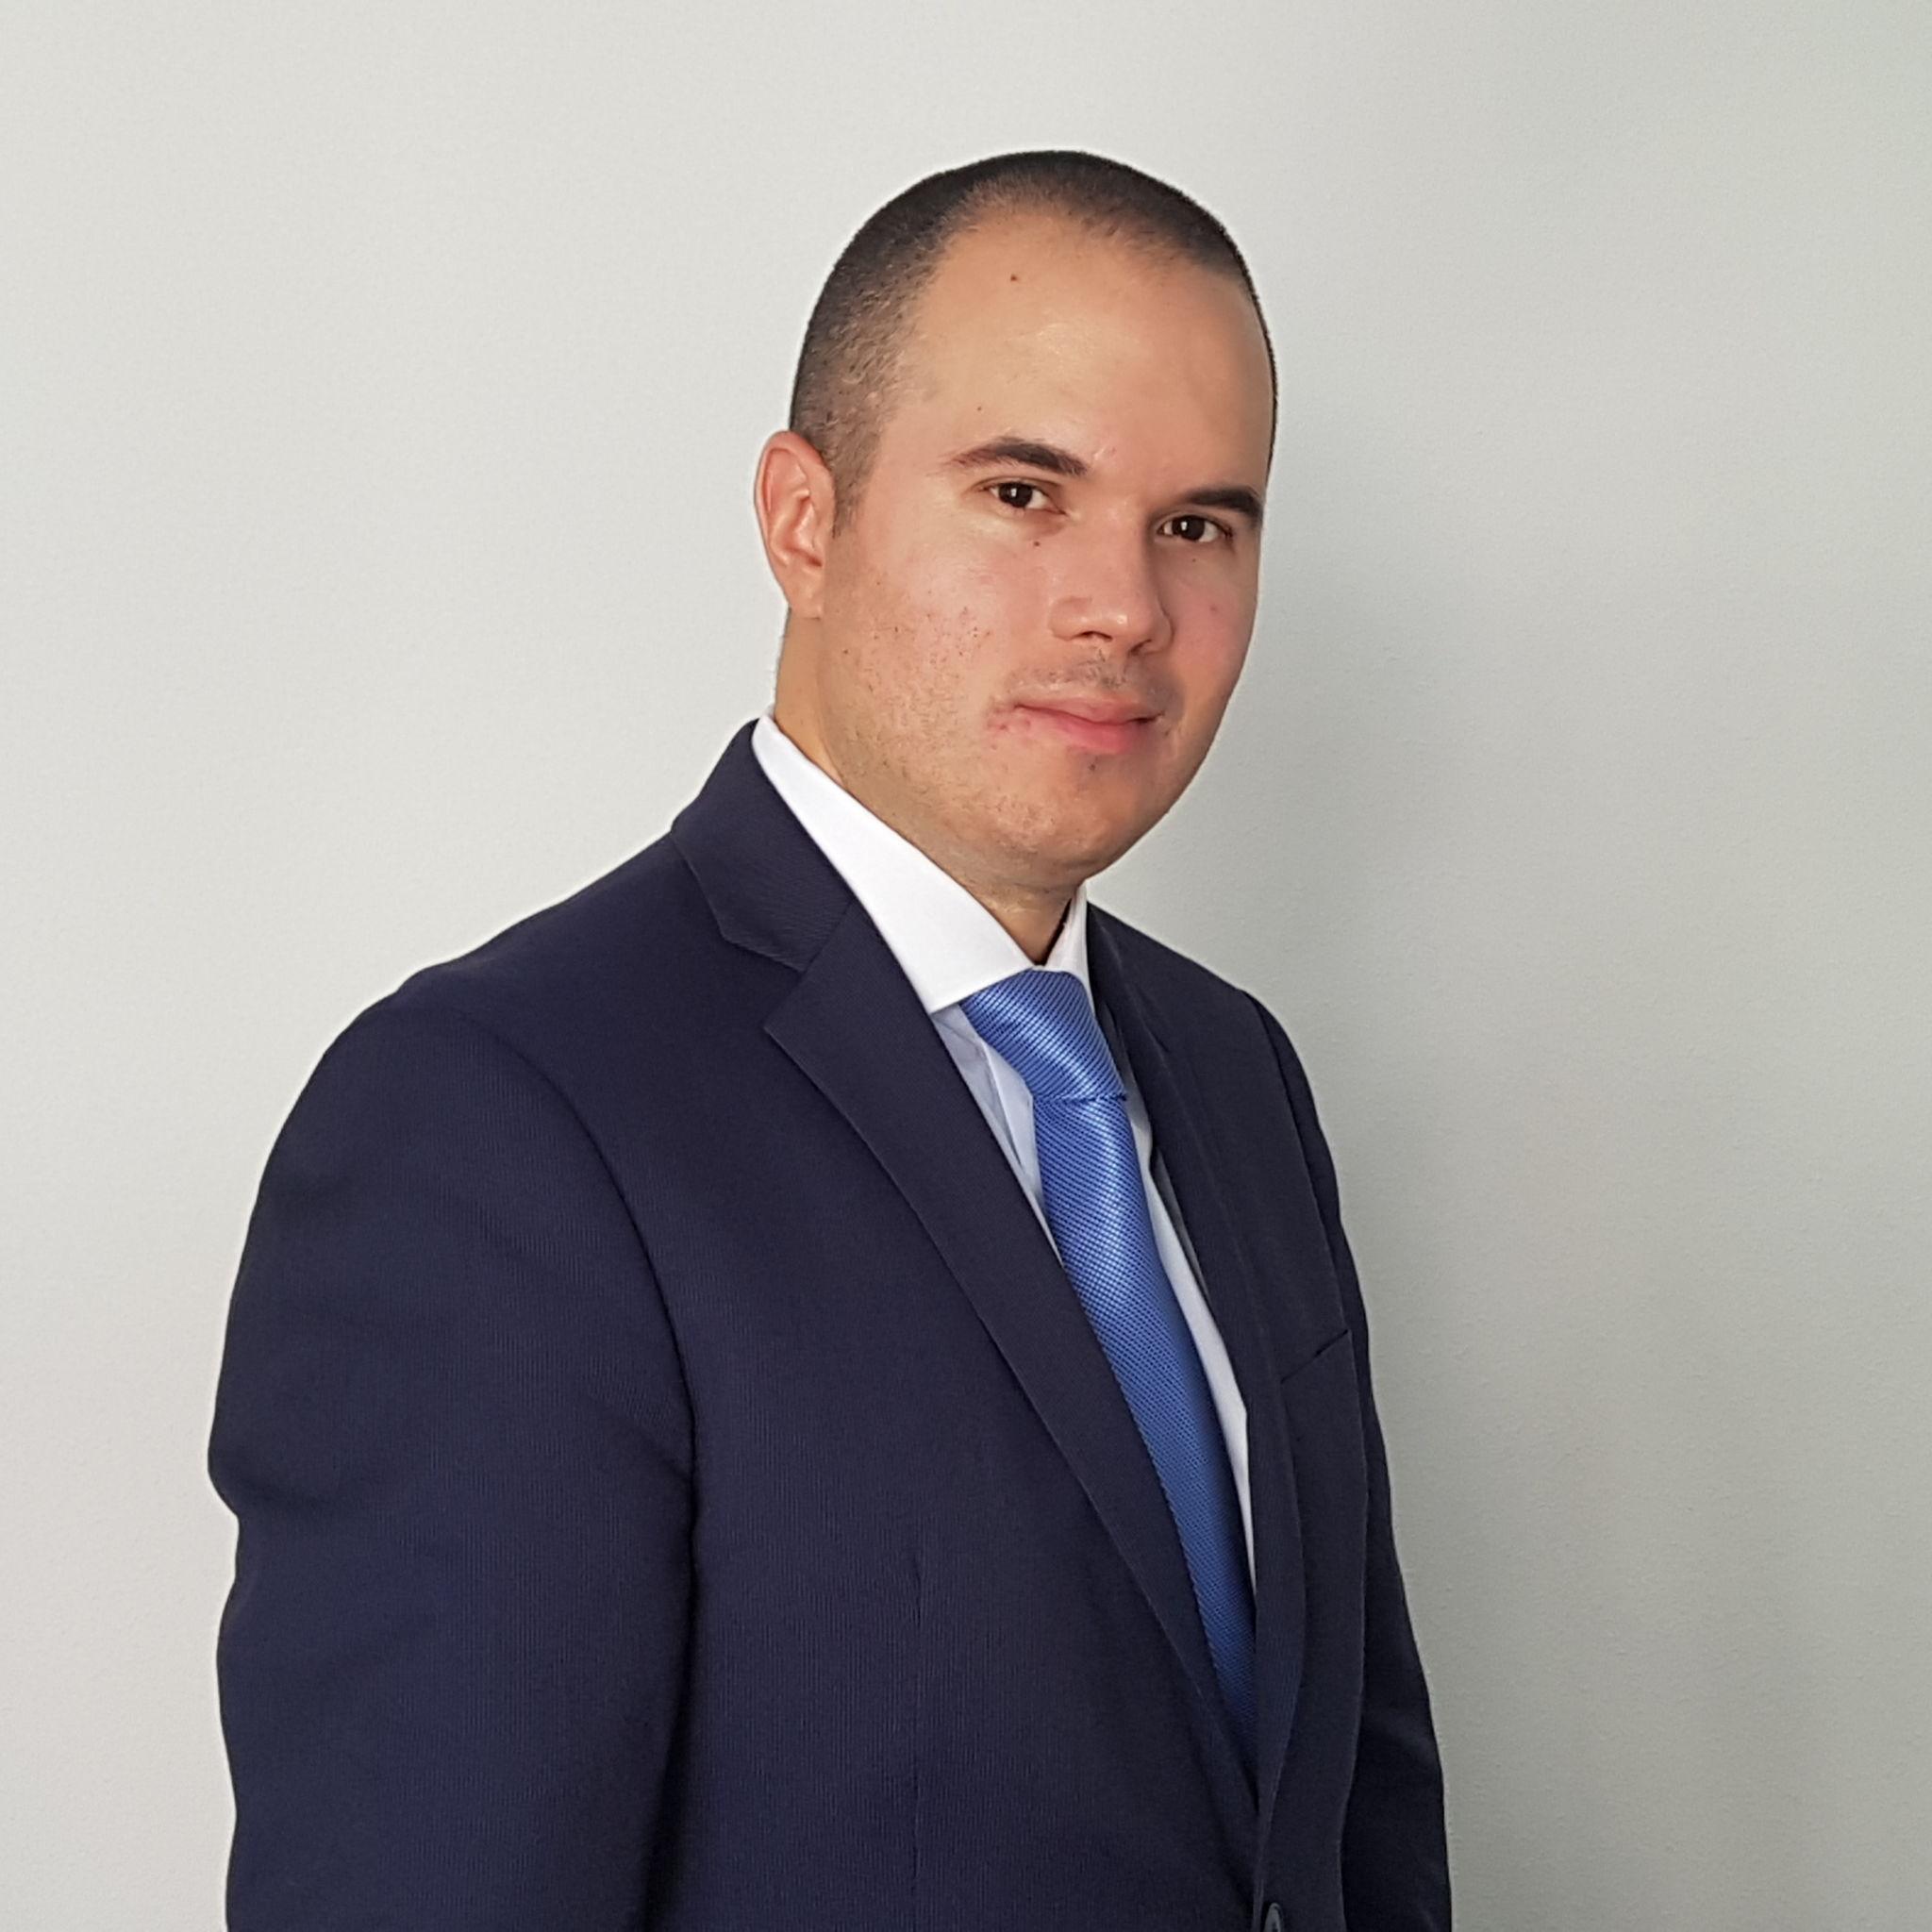 Abogado Andrés Graffe, experto en extranjería y fundador del Despacho Deaboga Servicios Jurídicos